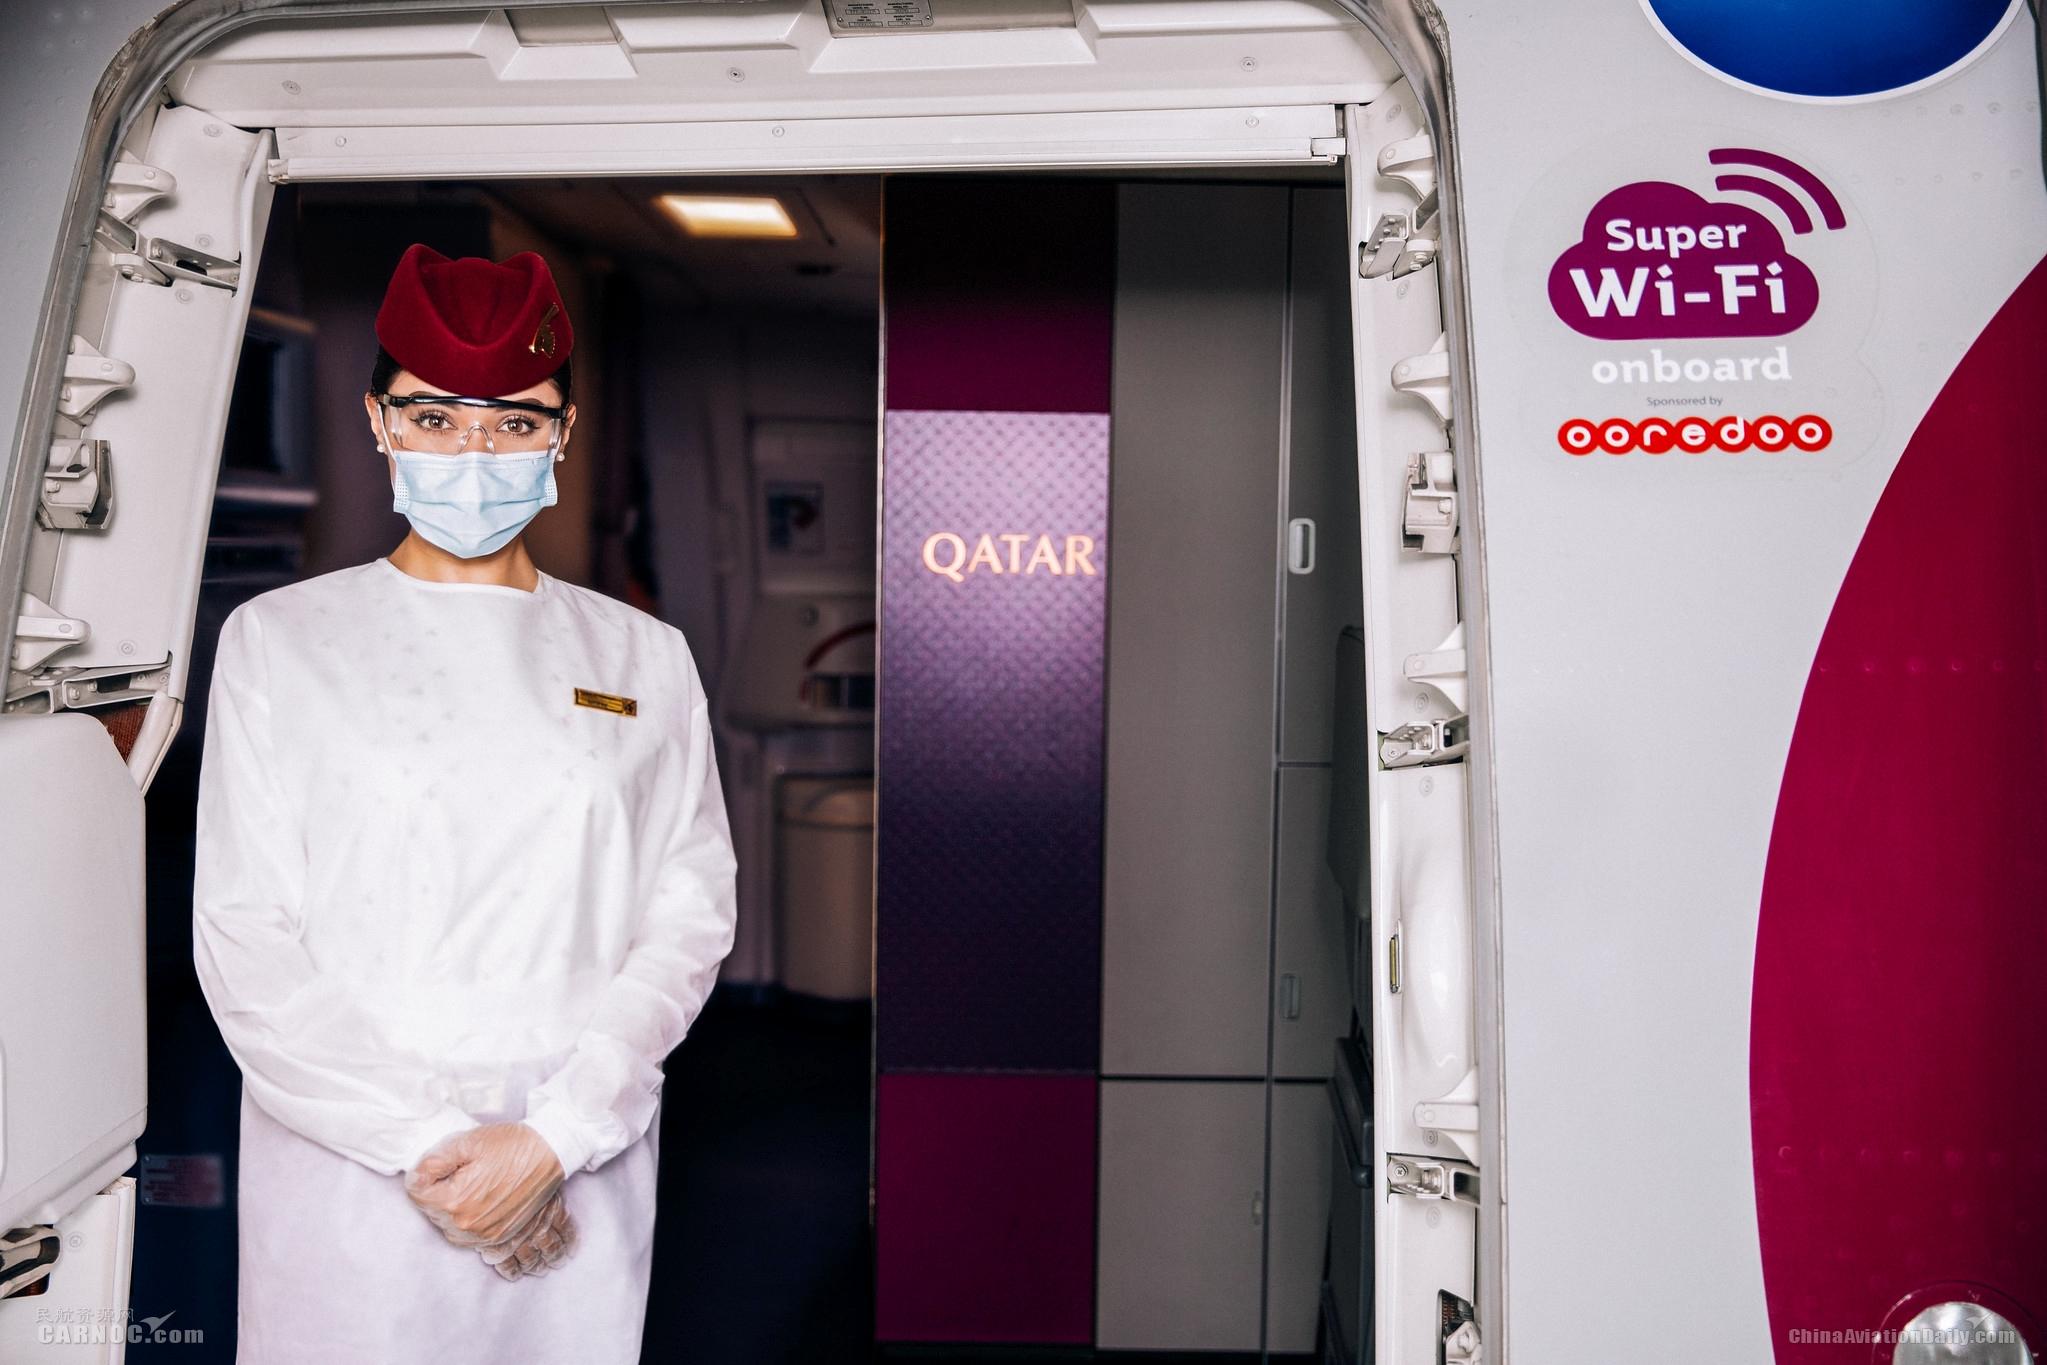 卡塔尔航空迎来第100架装有空中WiFi的飞机